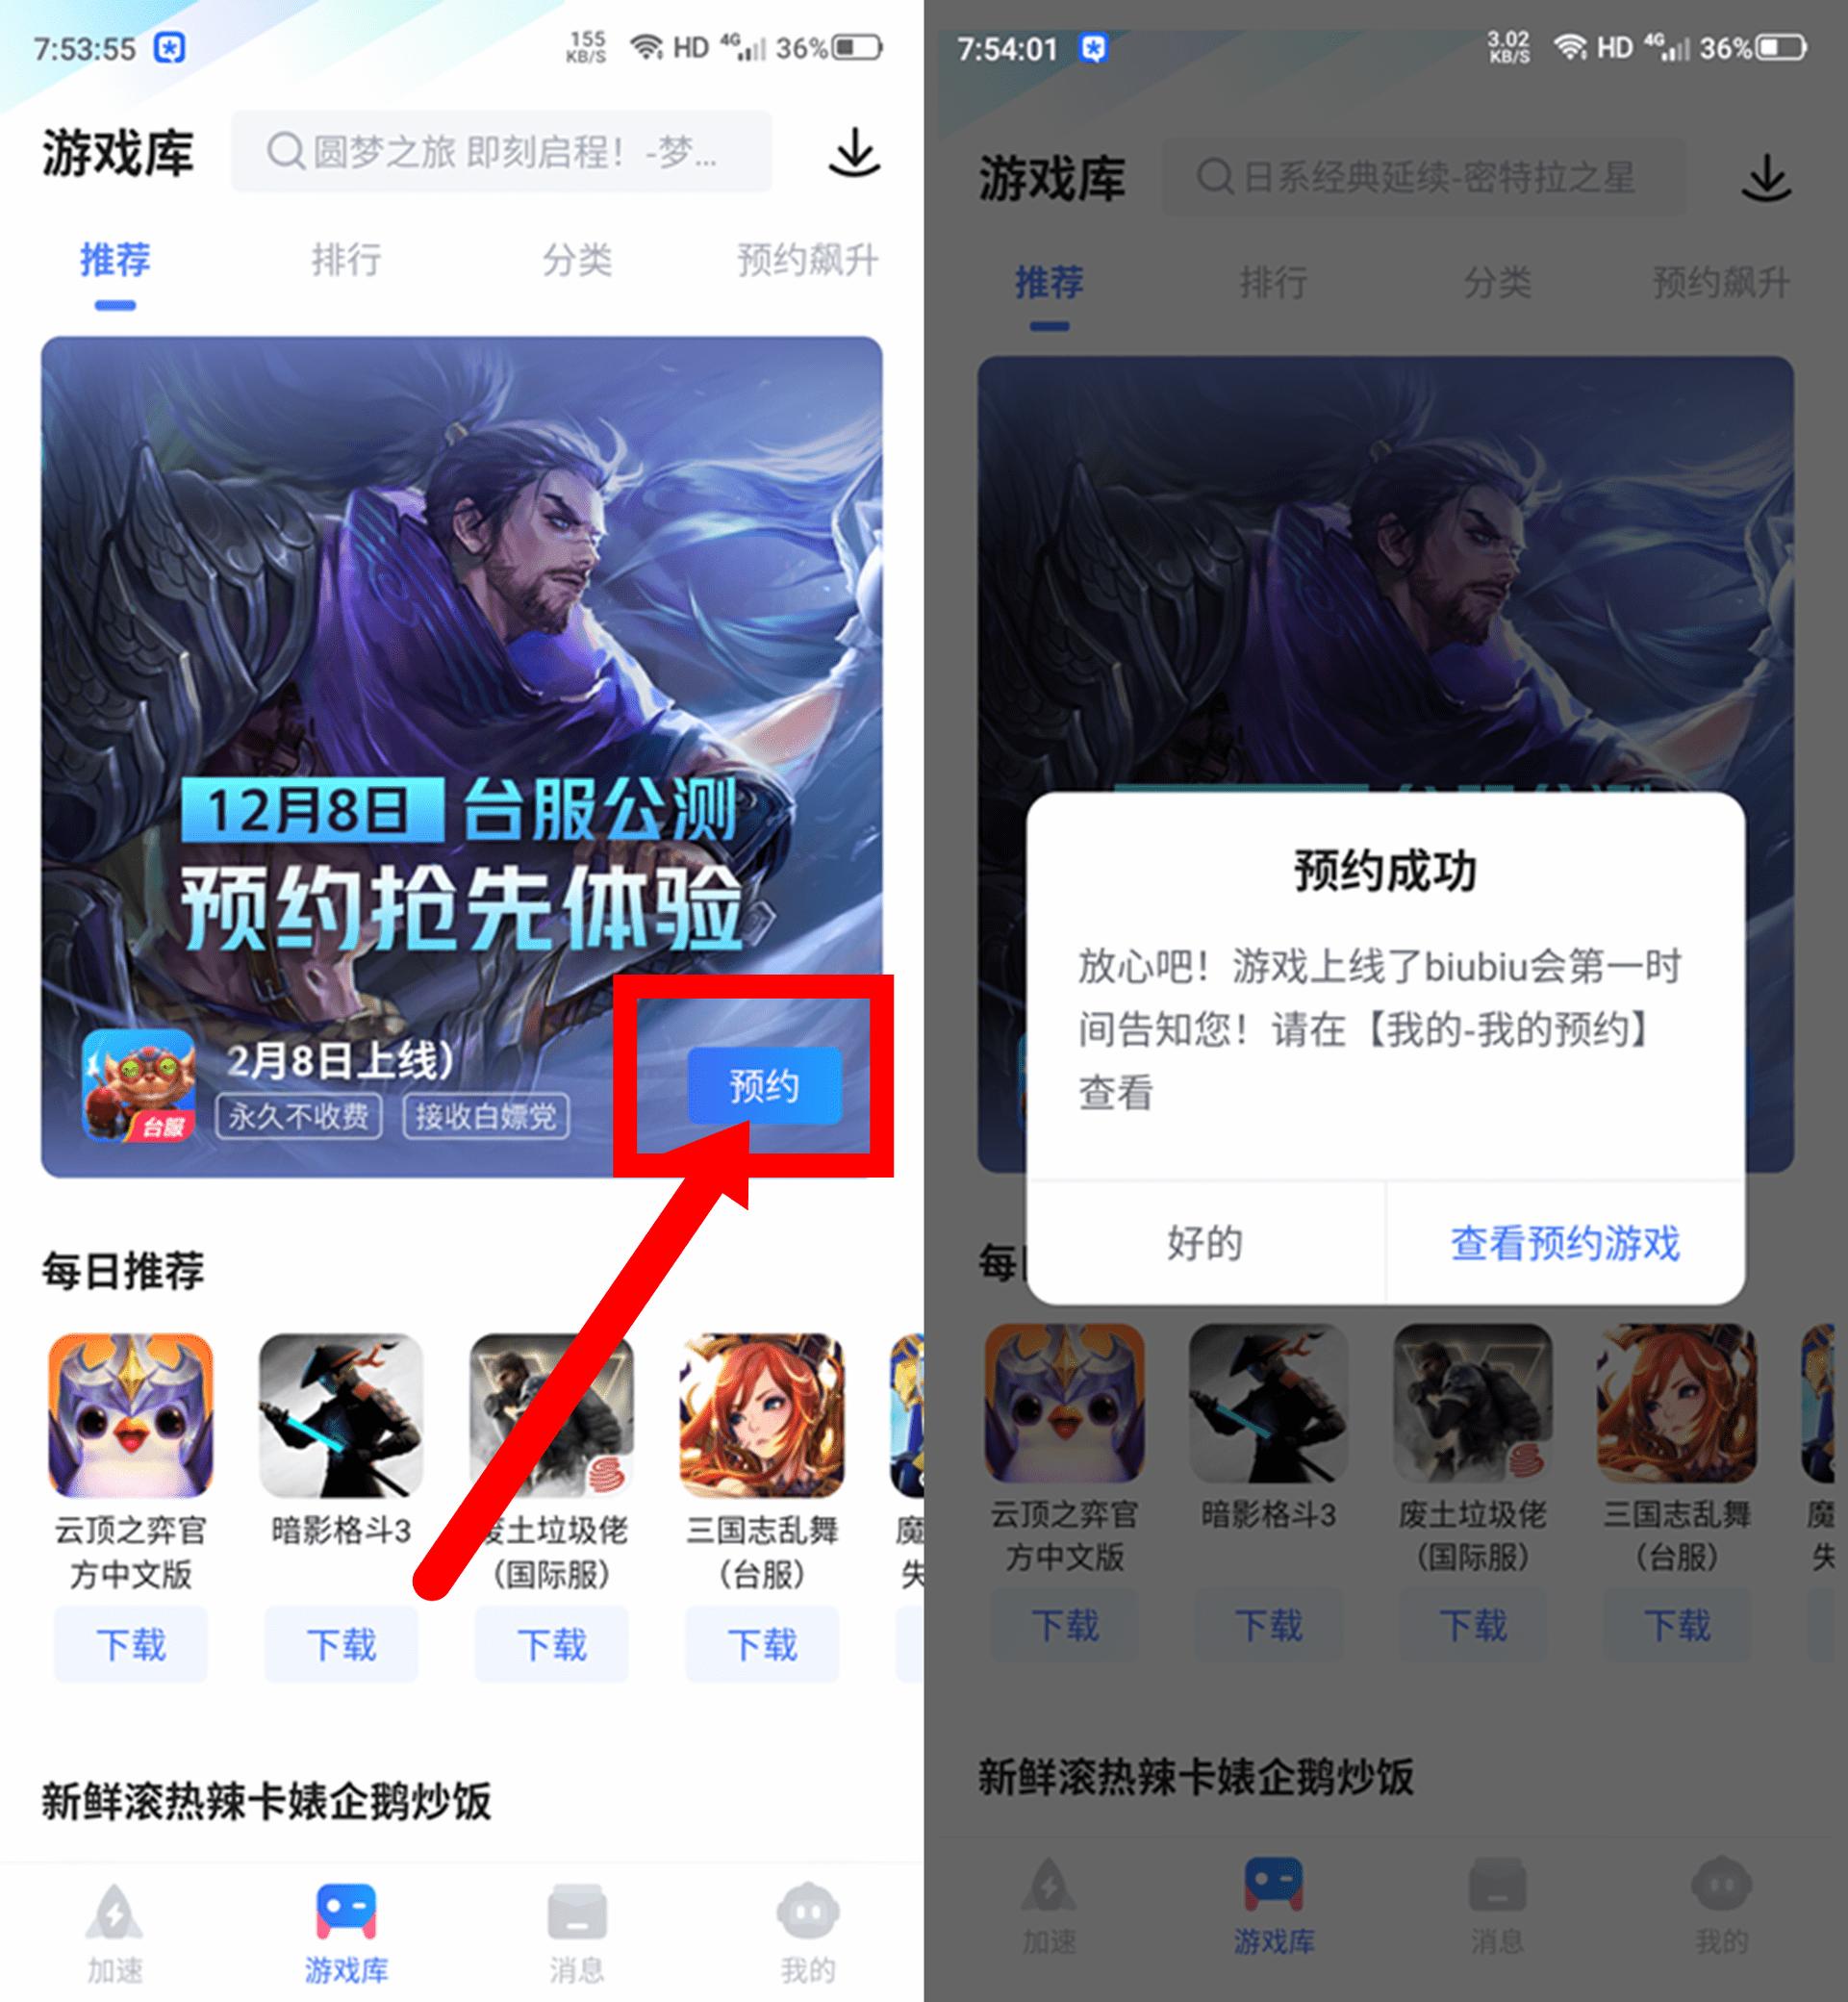 lol英雄联盟手游中文版台服免费加速器送联盟账号